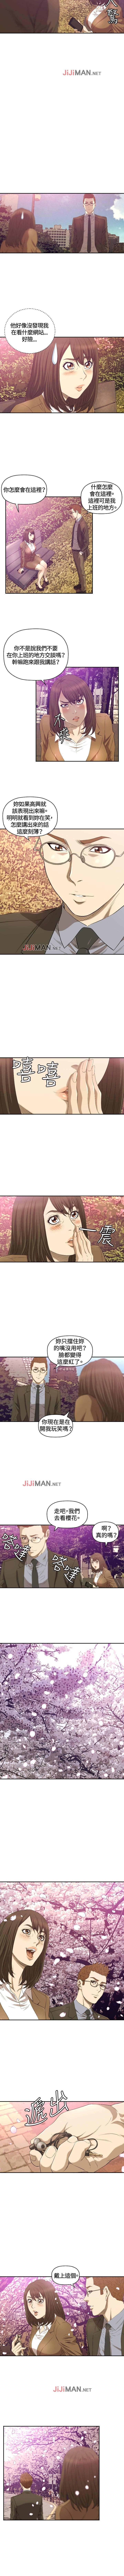 【已完结】索多玛俱乐部(作者:何藝媛&庫奈尼) 第1~32话 54